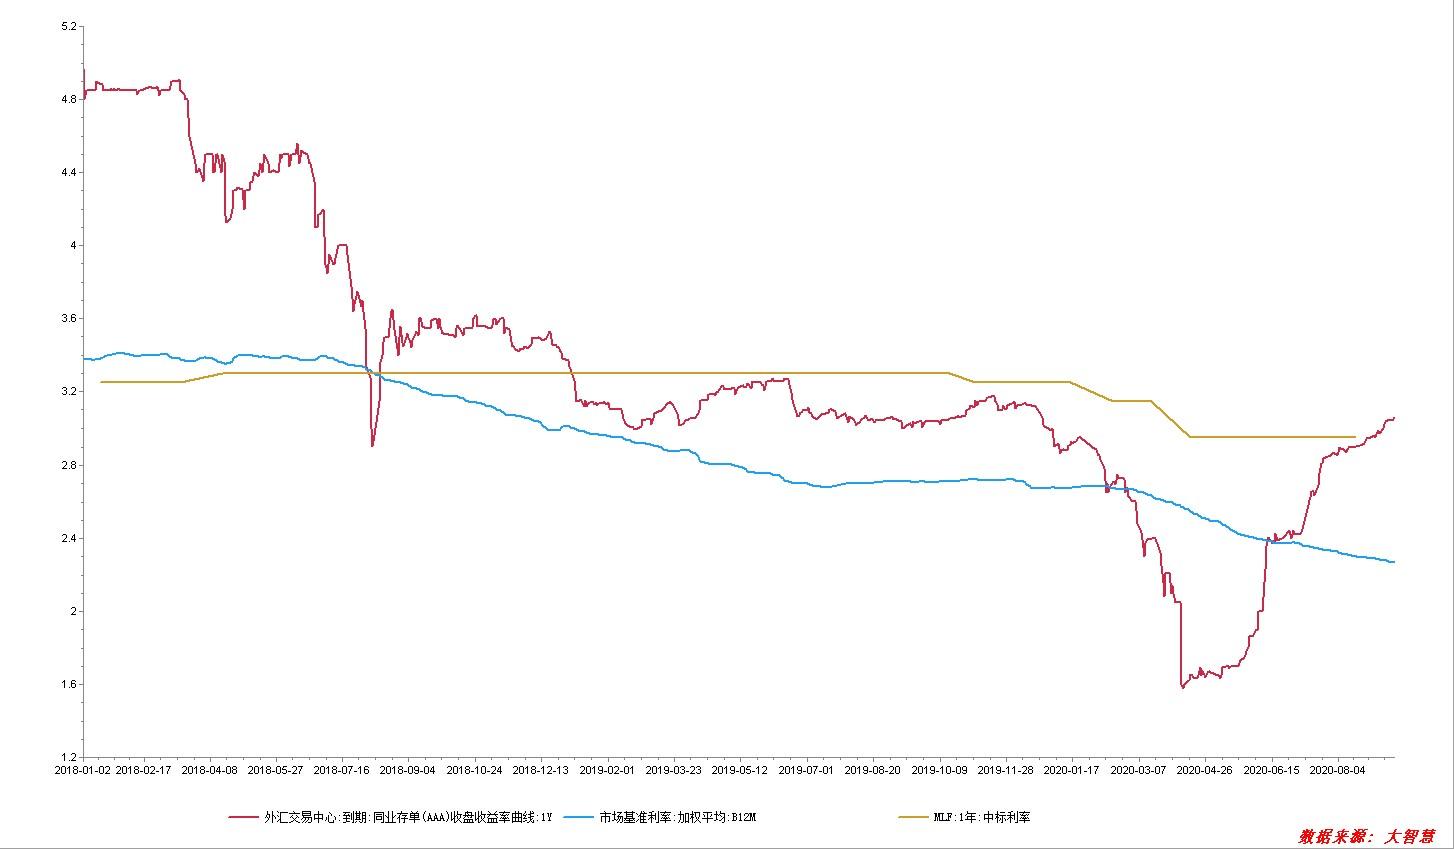 """银行急缺""""长钱"""":同业存单利率反超MLF 与回购利差创两年新高"""